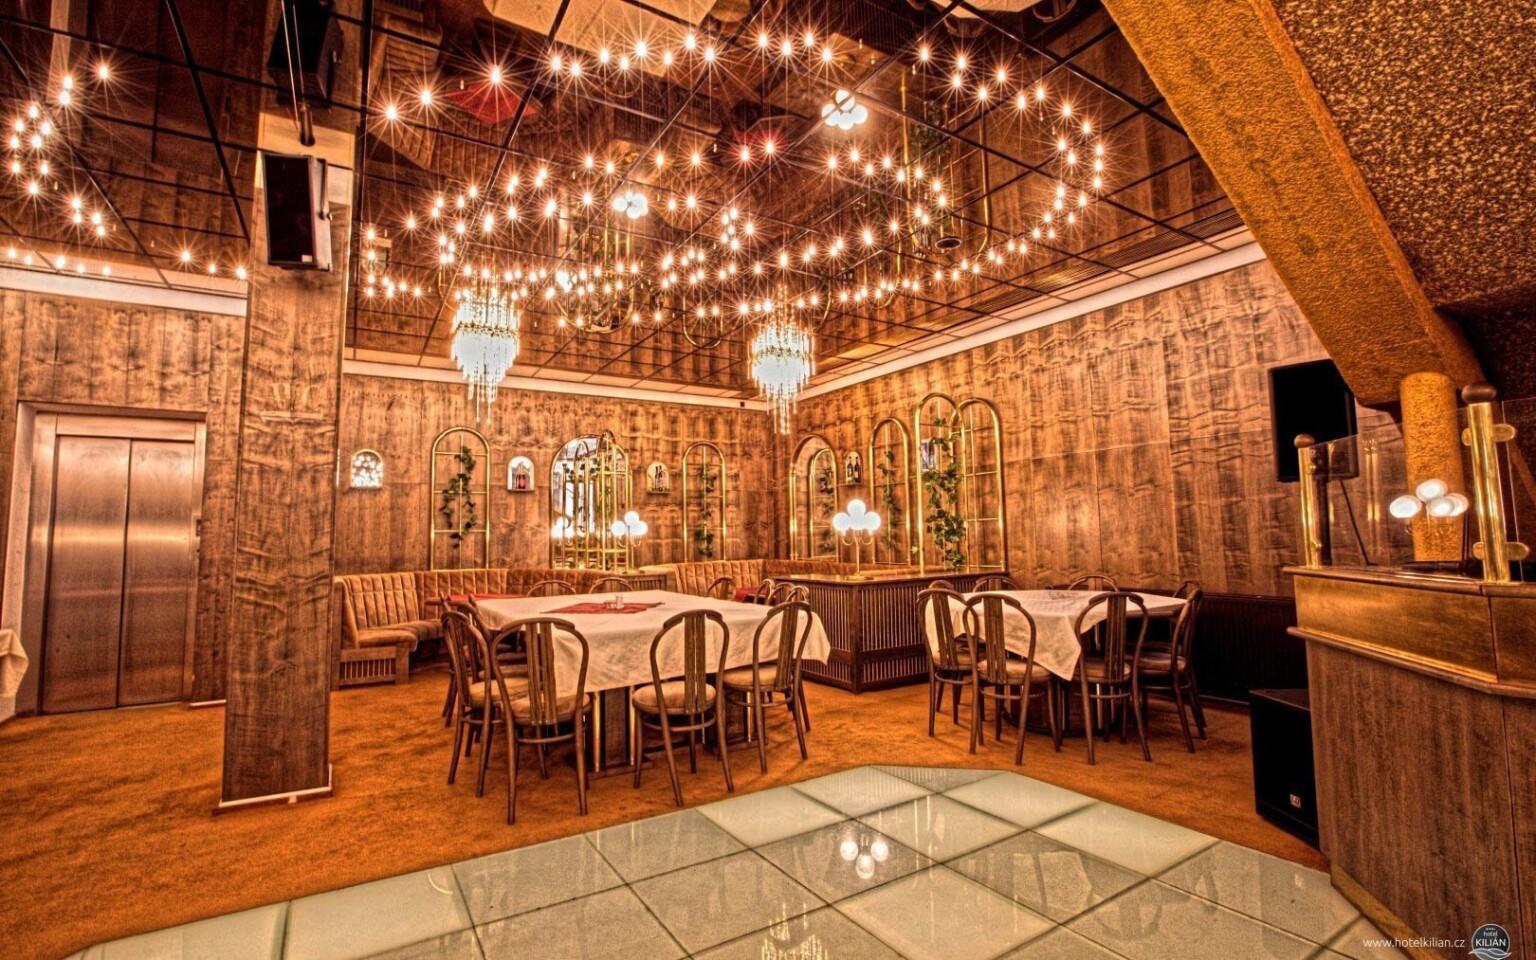 Restaurace je elegantně zařízená